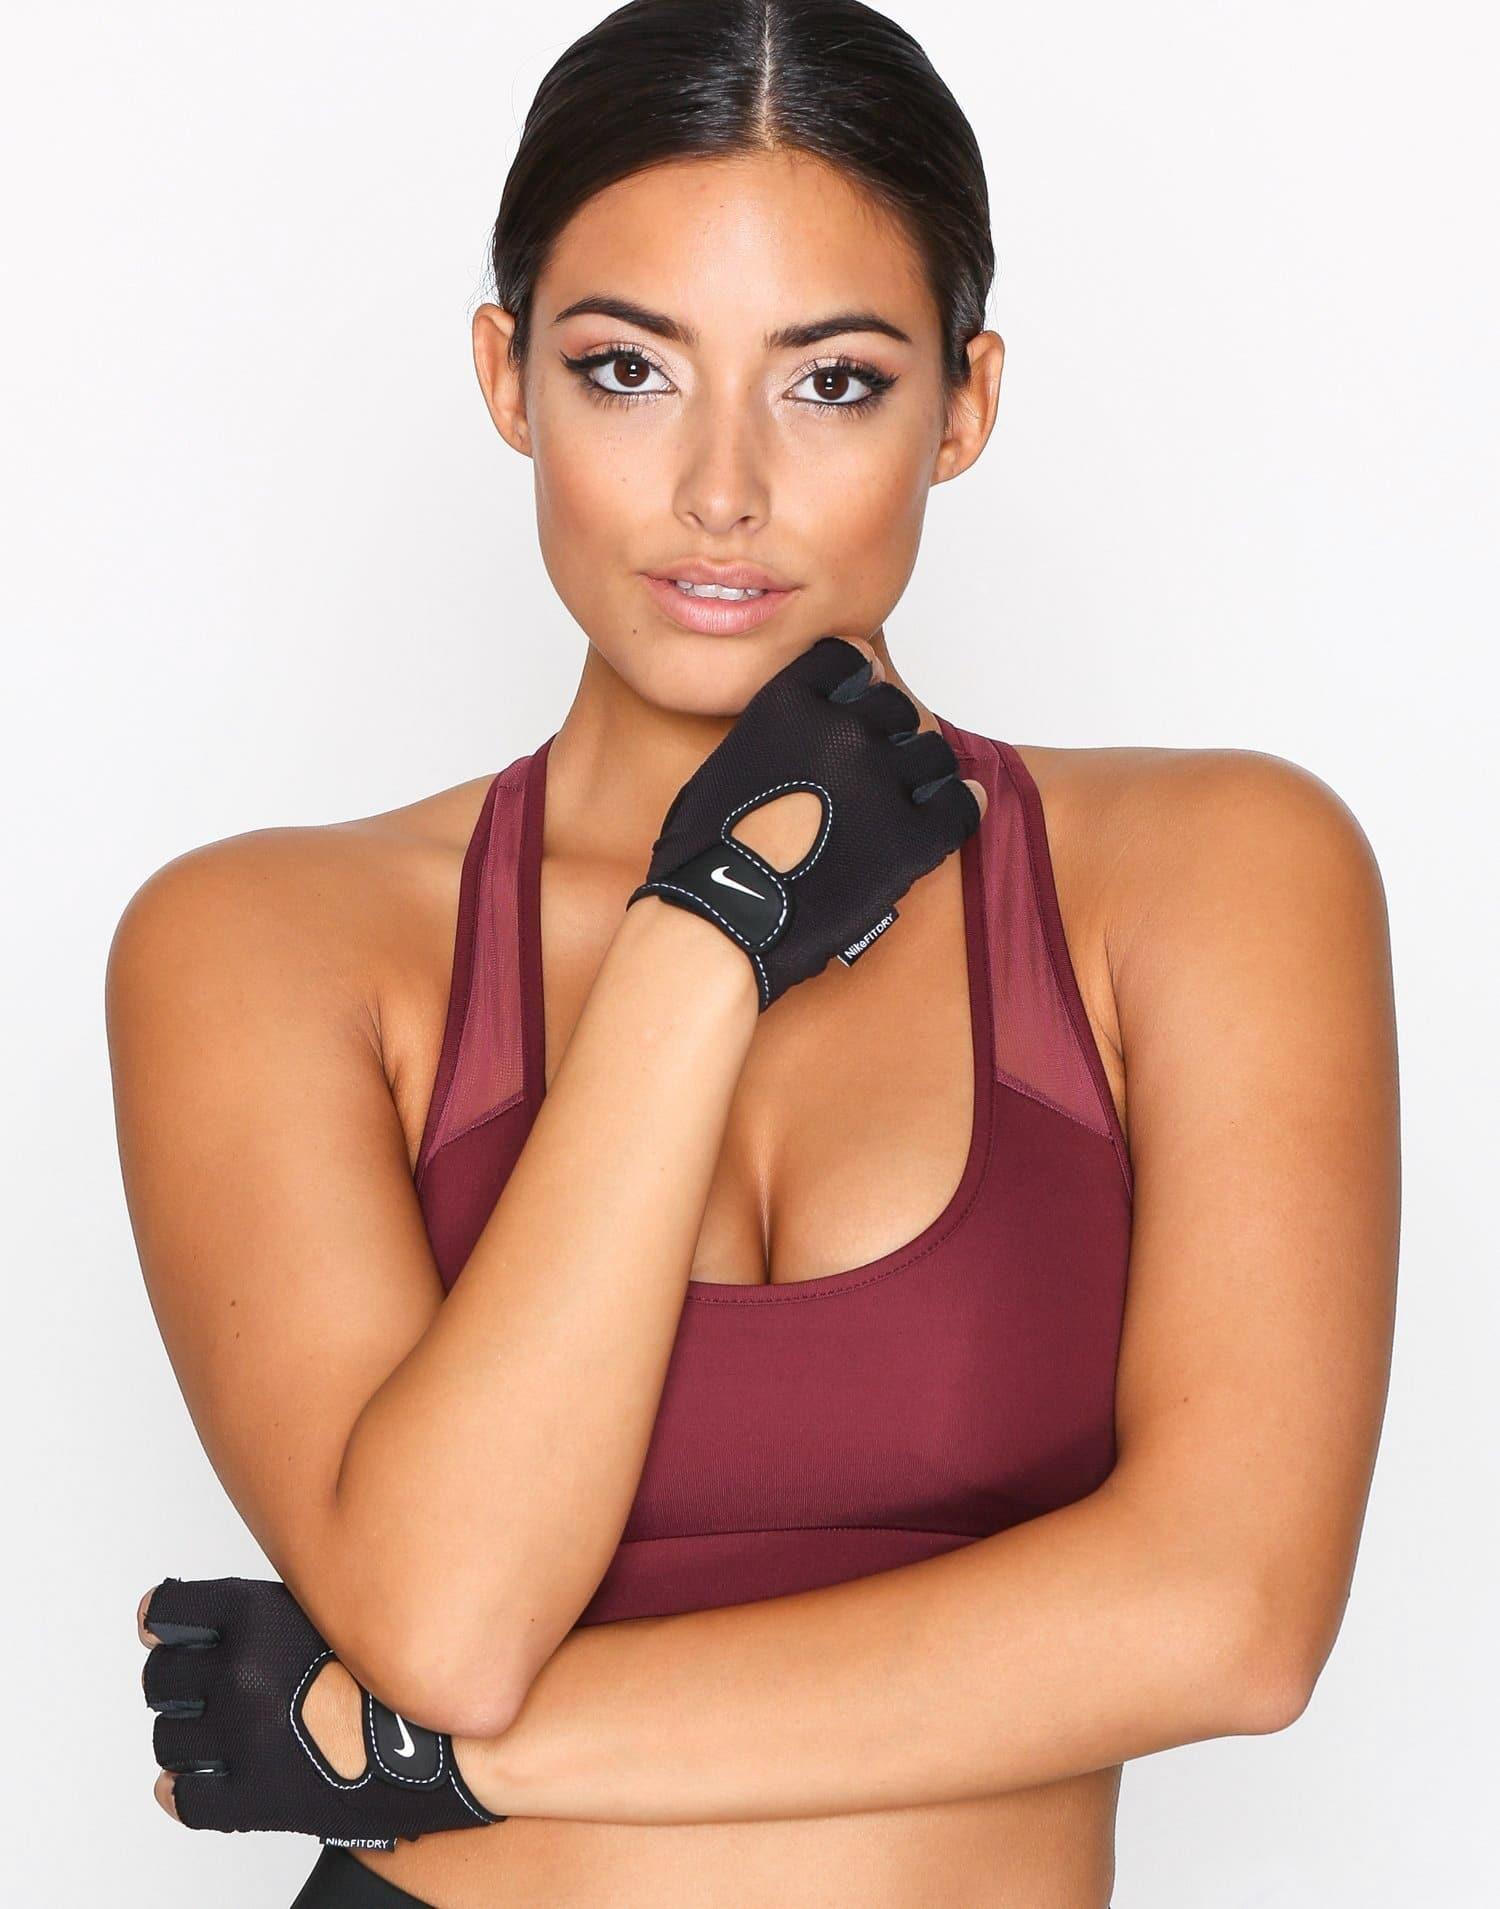 Träningshandskar Nike gymhandskar svarta